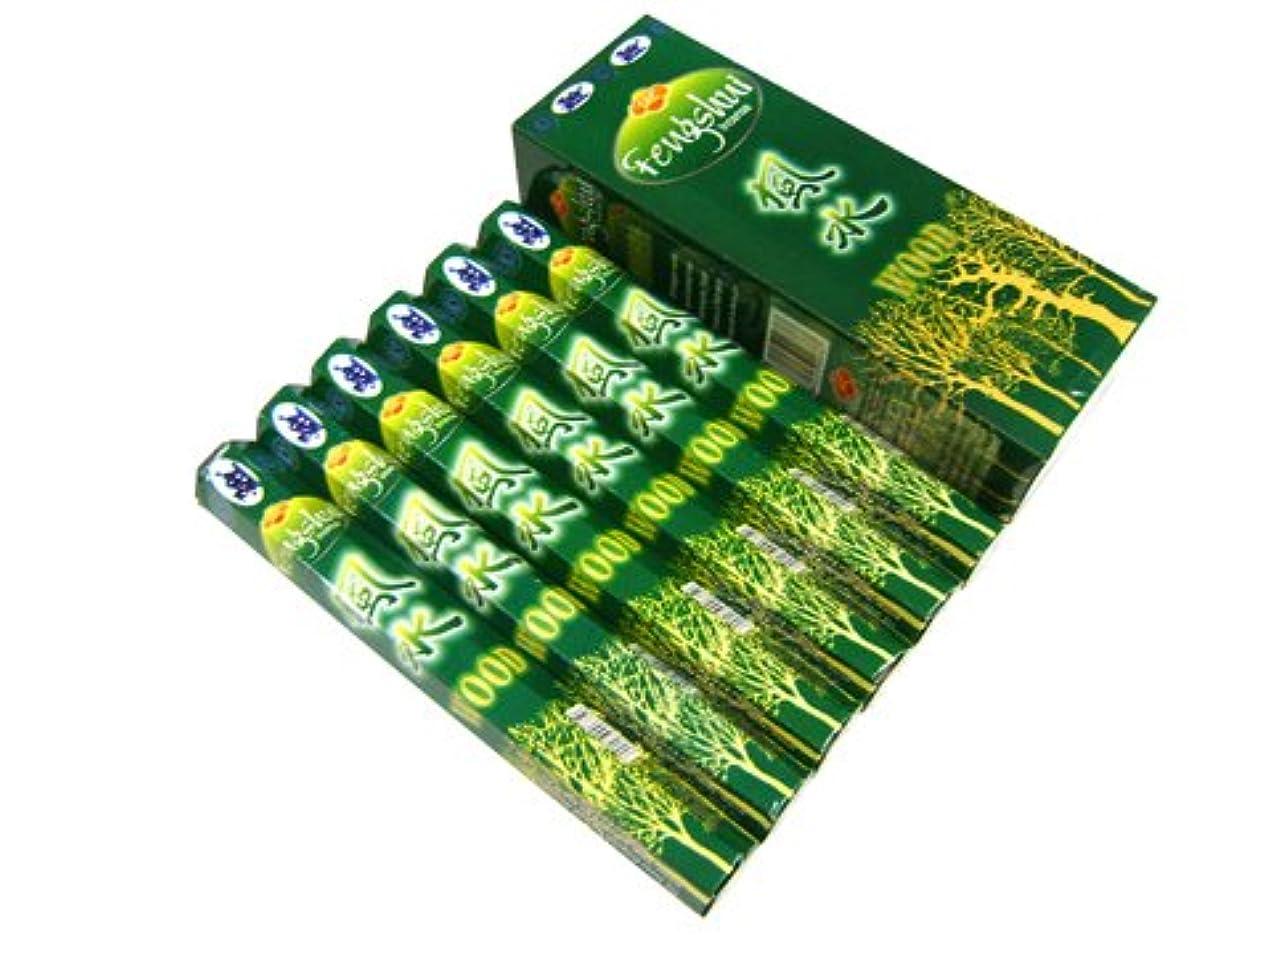 敬意を表する衛星収容するSANDESH SAC (サンデッシュ) 風水香(ウッド) スティック FENGSHUI WOOD 6箱セット